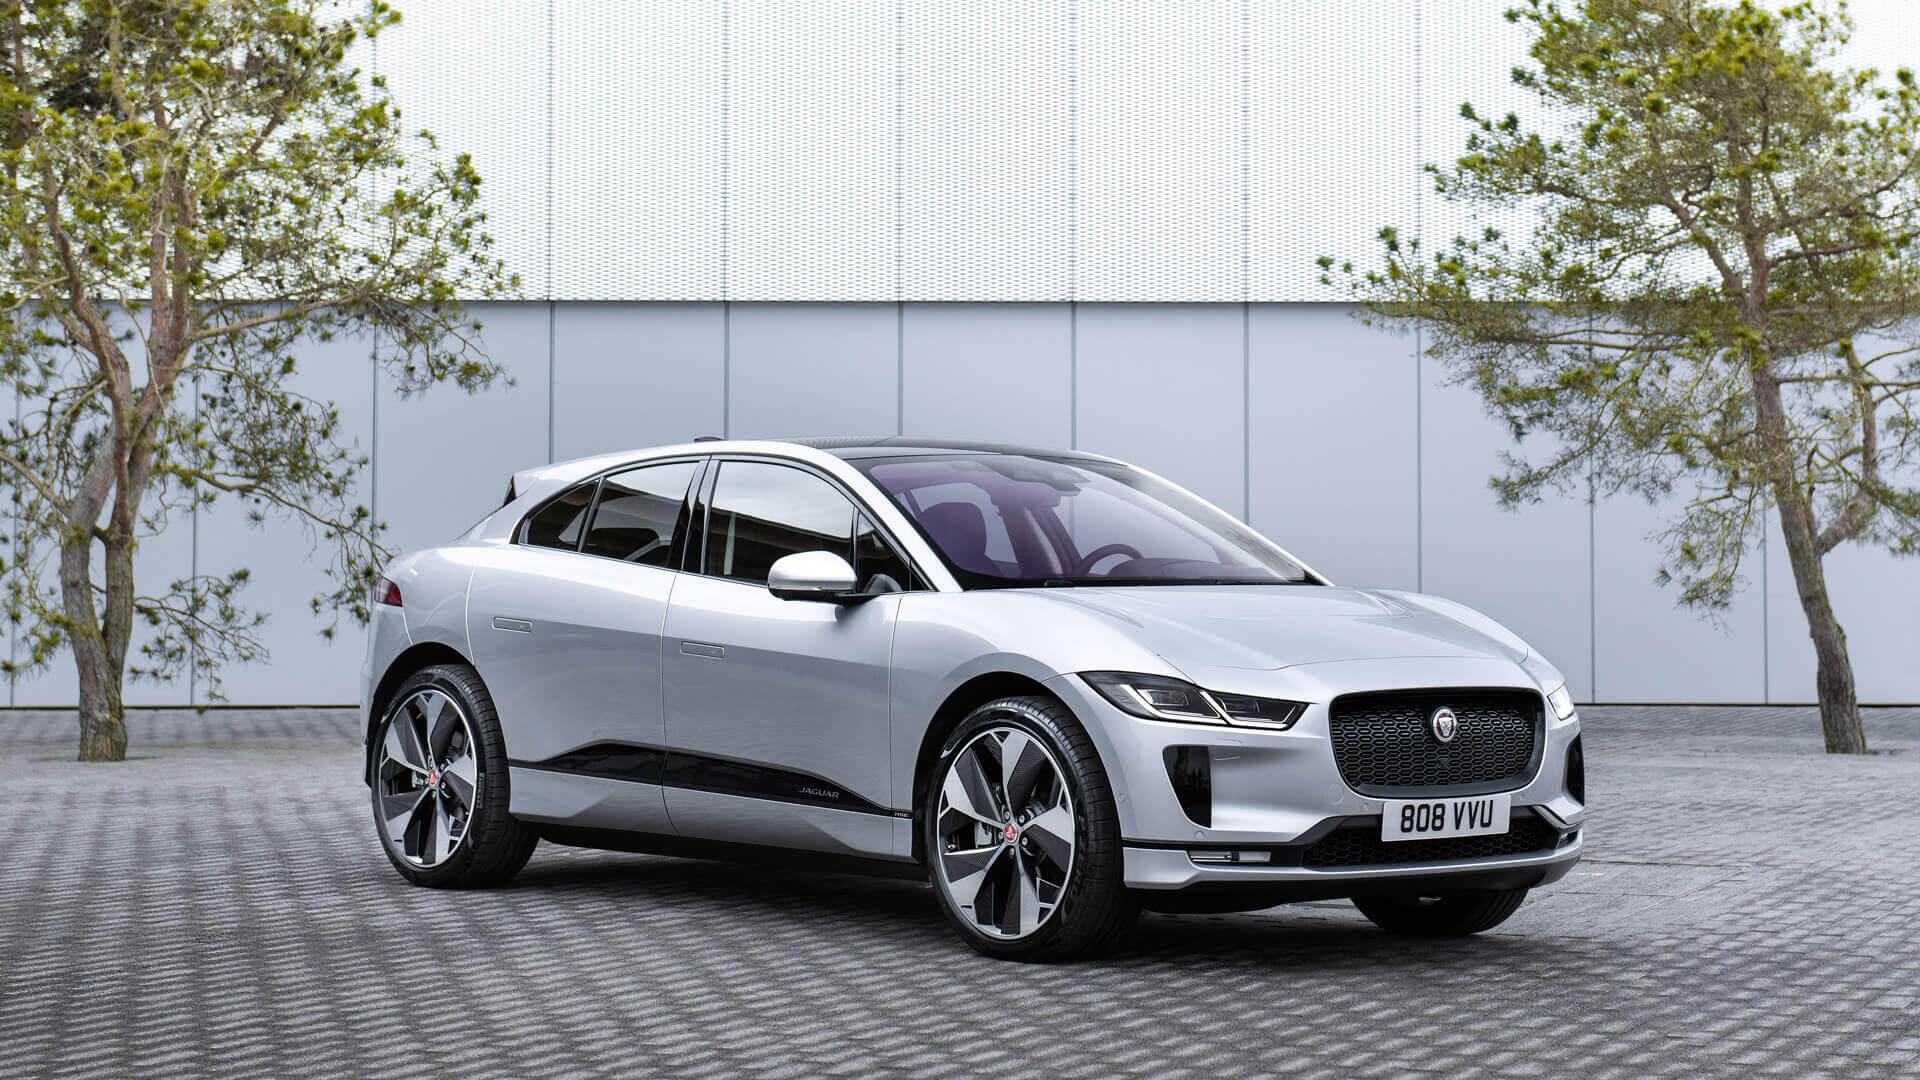 Технологія бездротової зарядки від Momentum Dynamics буде інтегрована в Jaguar I-PACE